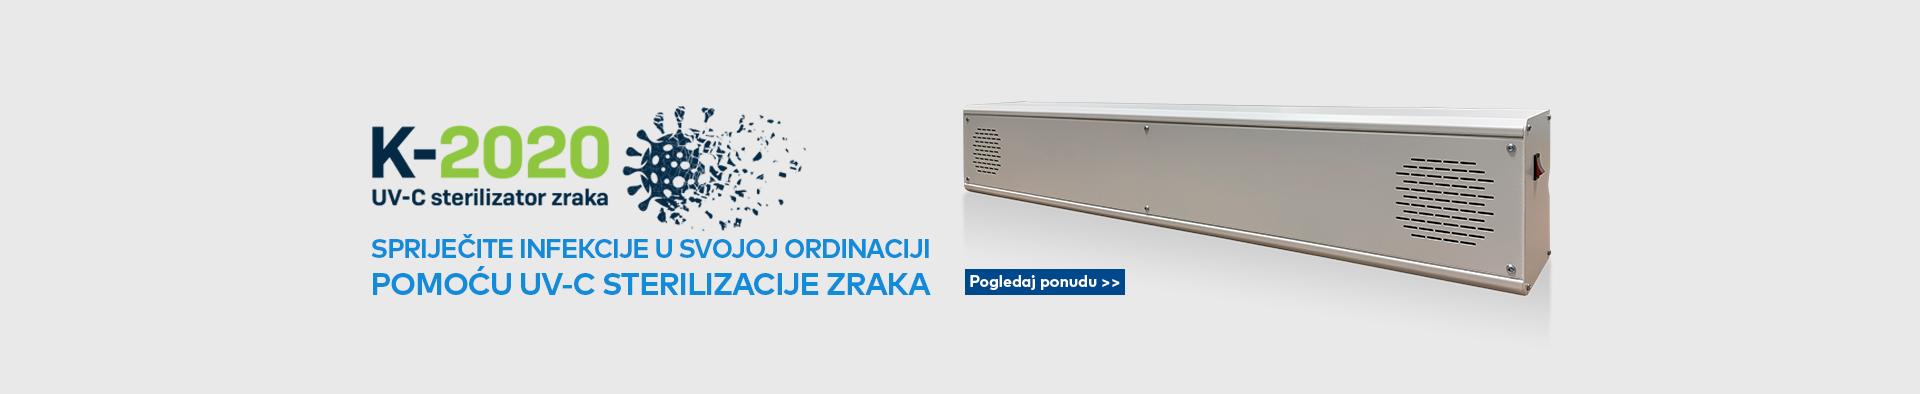 sterilizator-zraka_k_2020_05_2020_slider